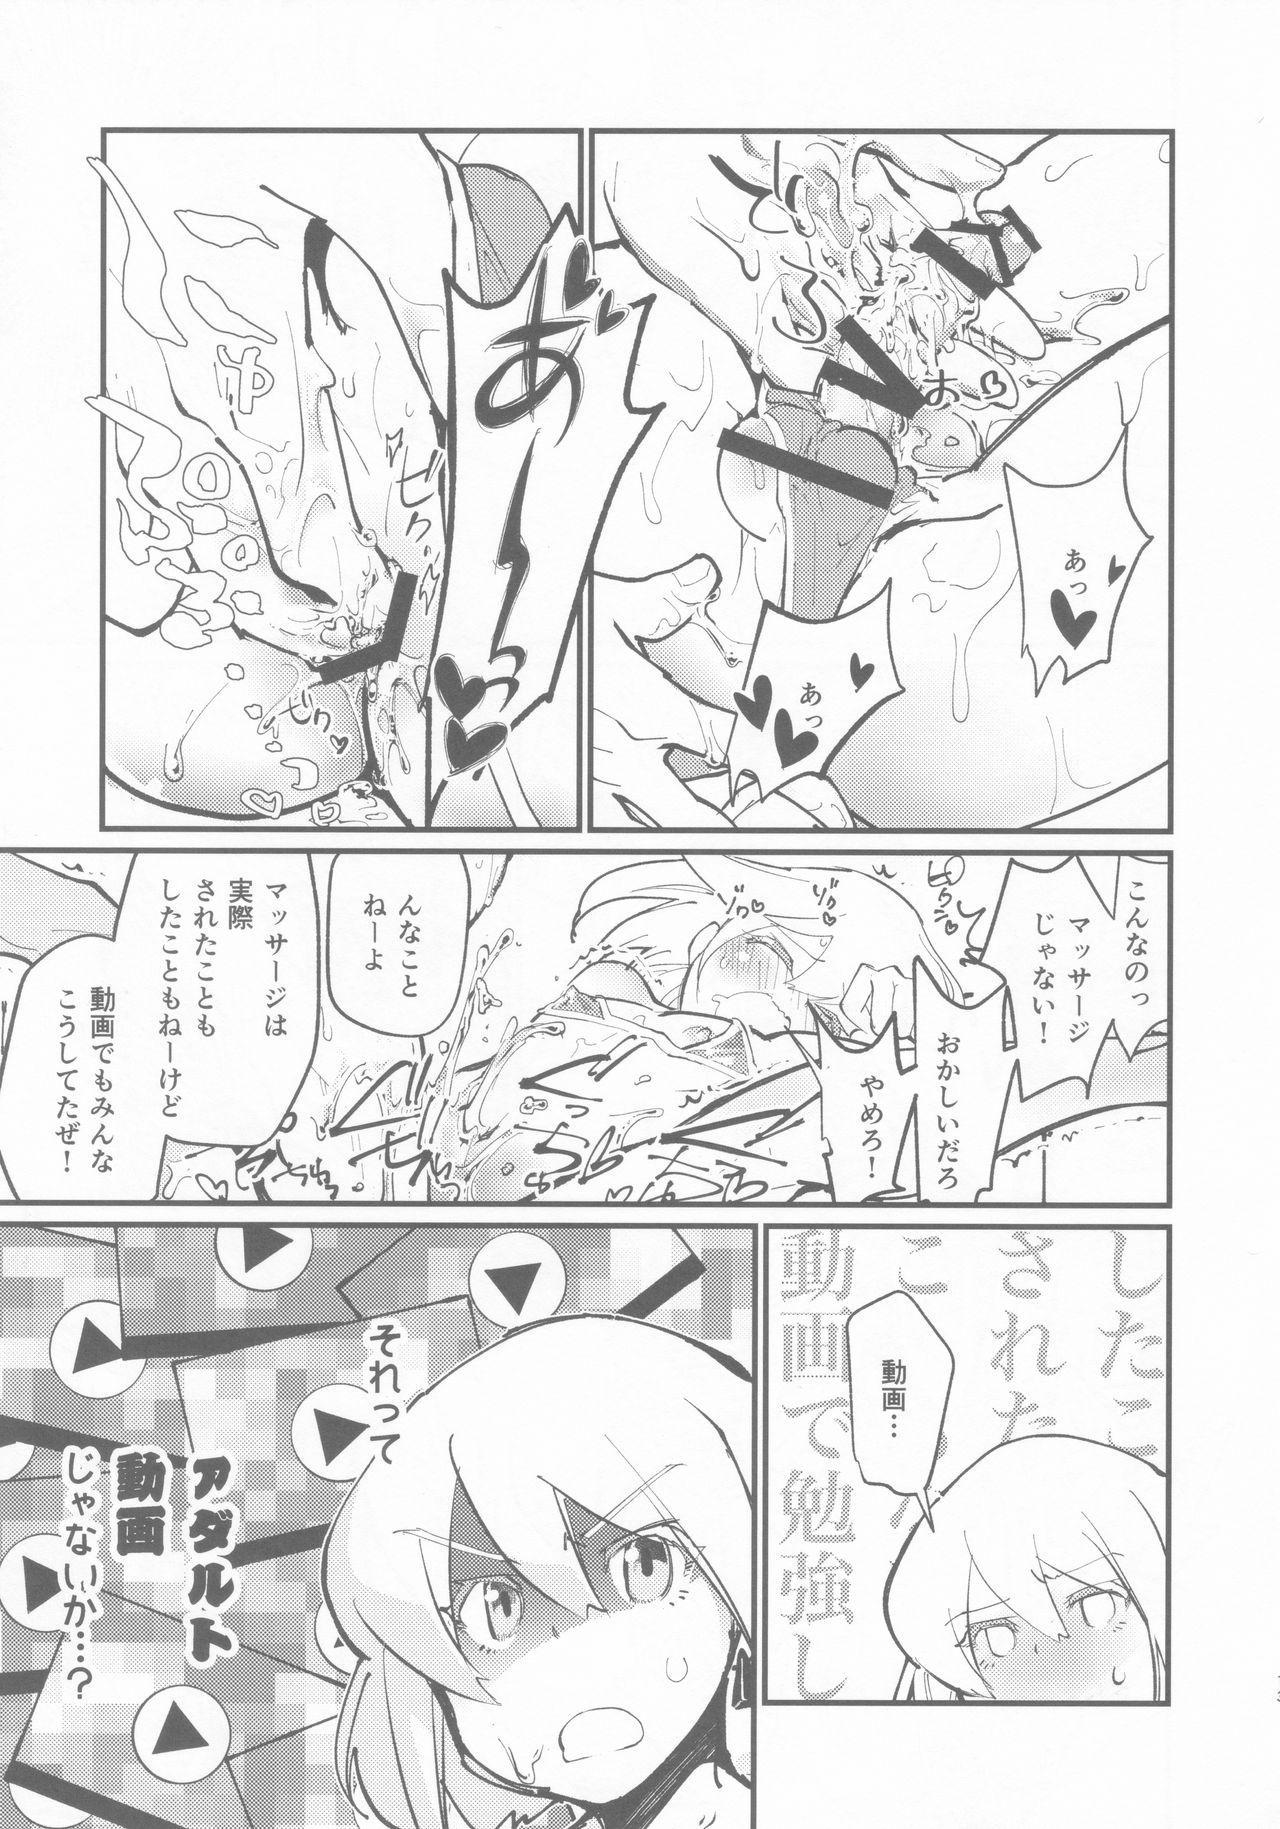 Galo-san no Dosukebe Nurunuru Lotion Massage 11